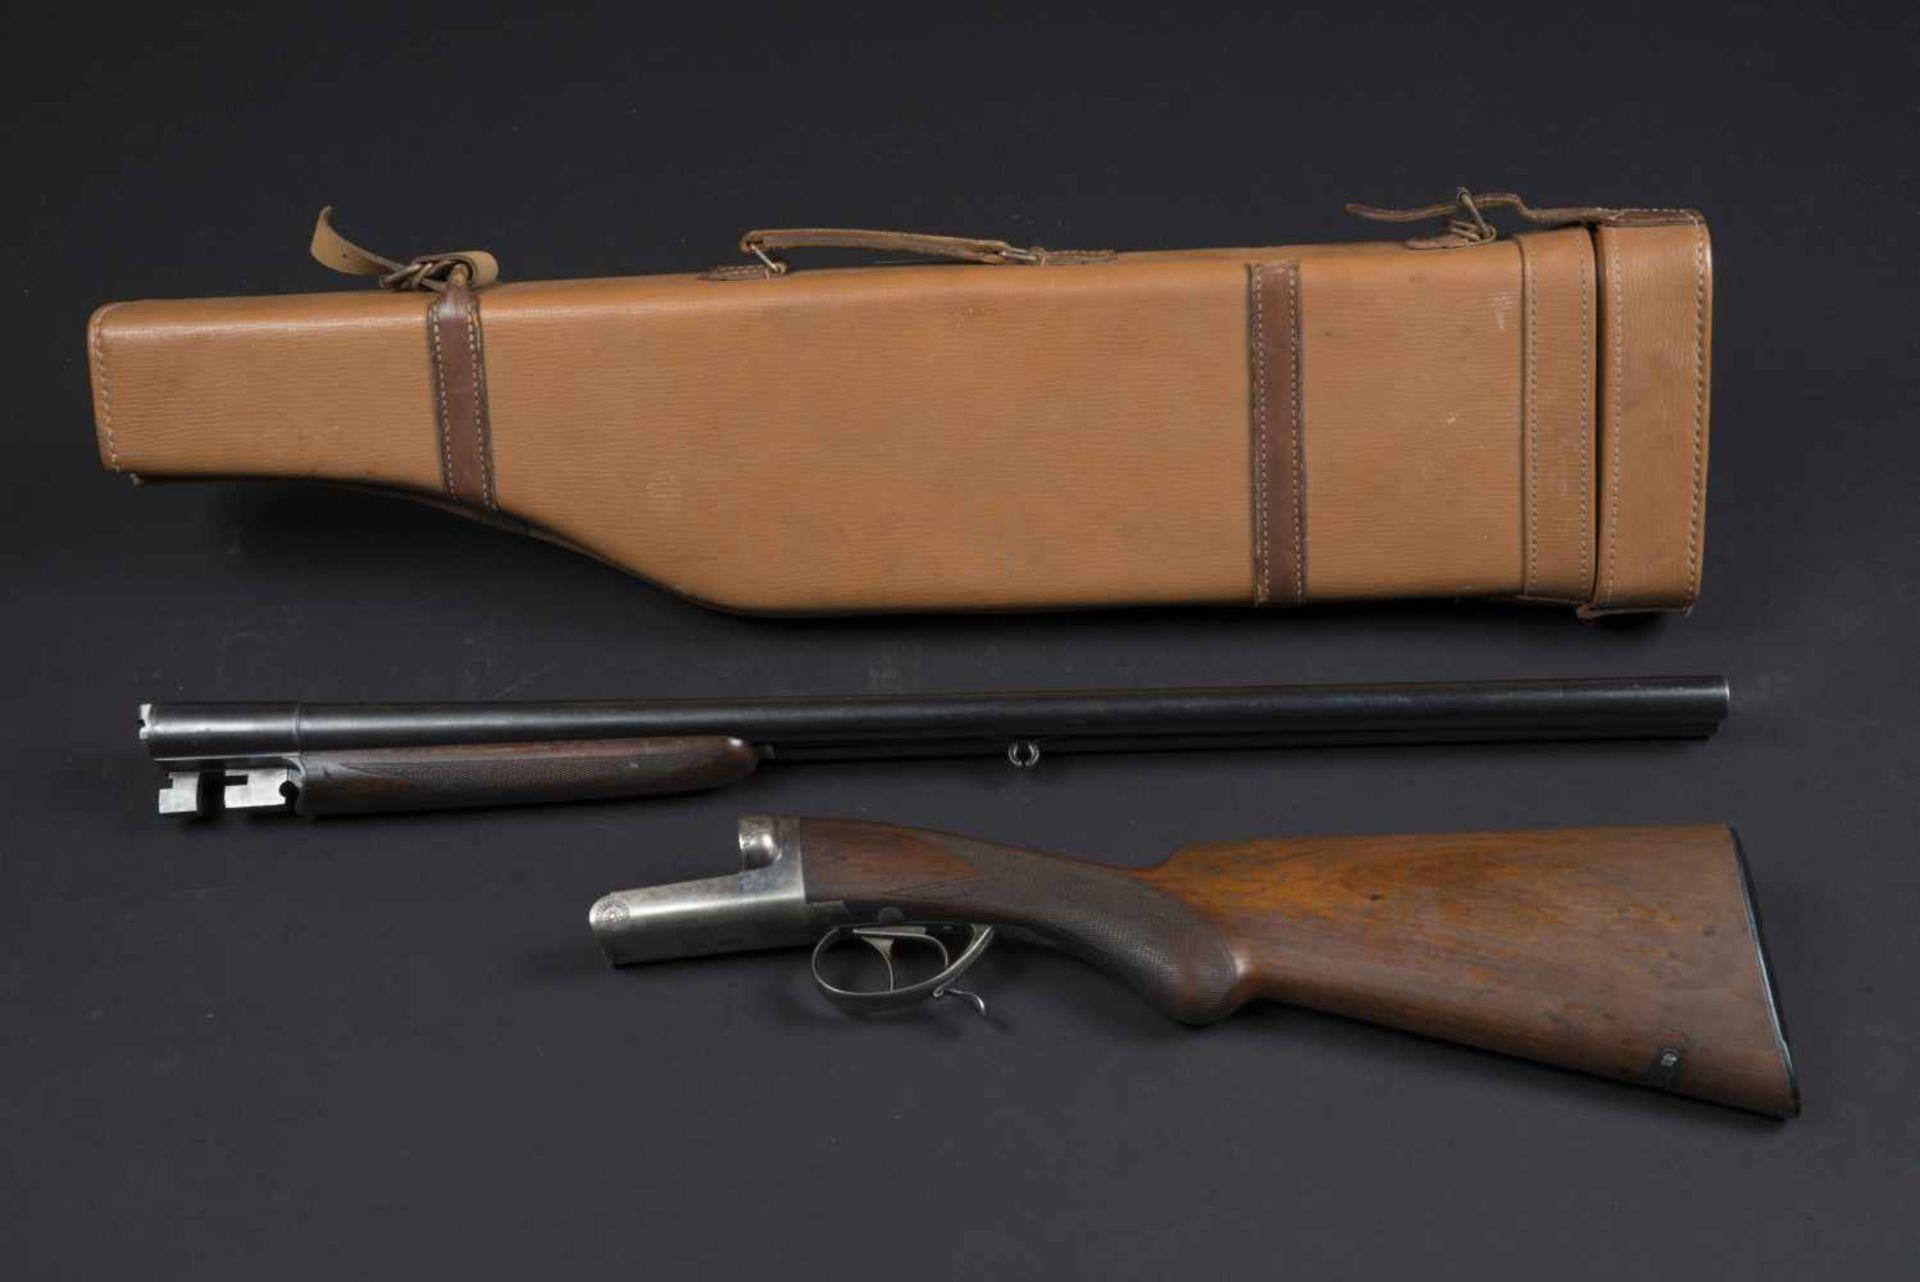 Fusil Robust Ideal Catégorie C Numéro 268. Etiquette présente dans la housse en cuir. Calibre 12.